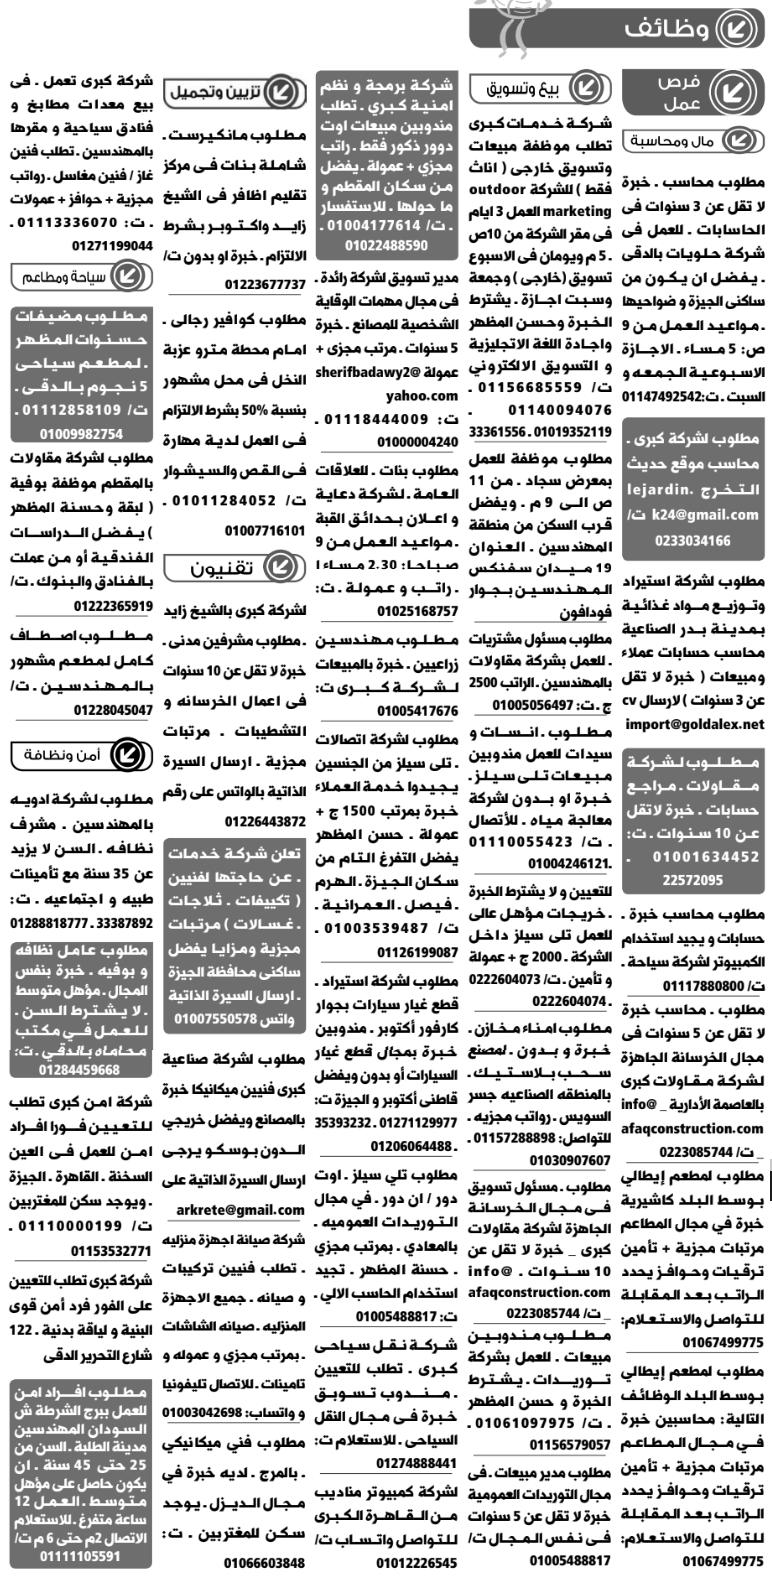 وظائف جريدة الوسيط اليوم الجمعة 12/2/2021